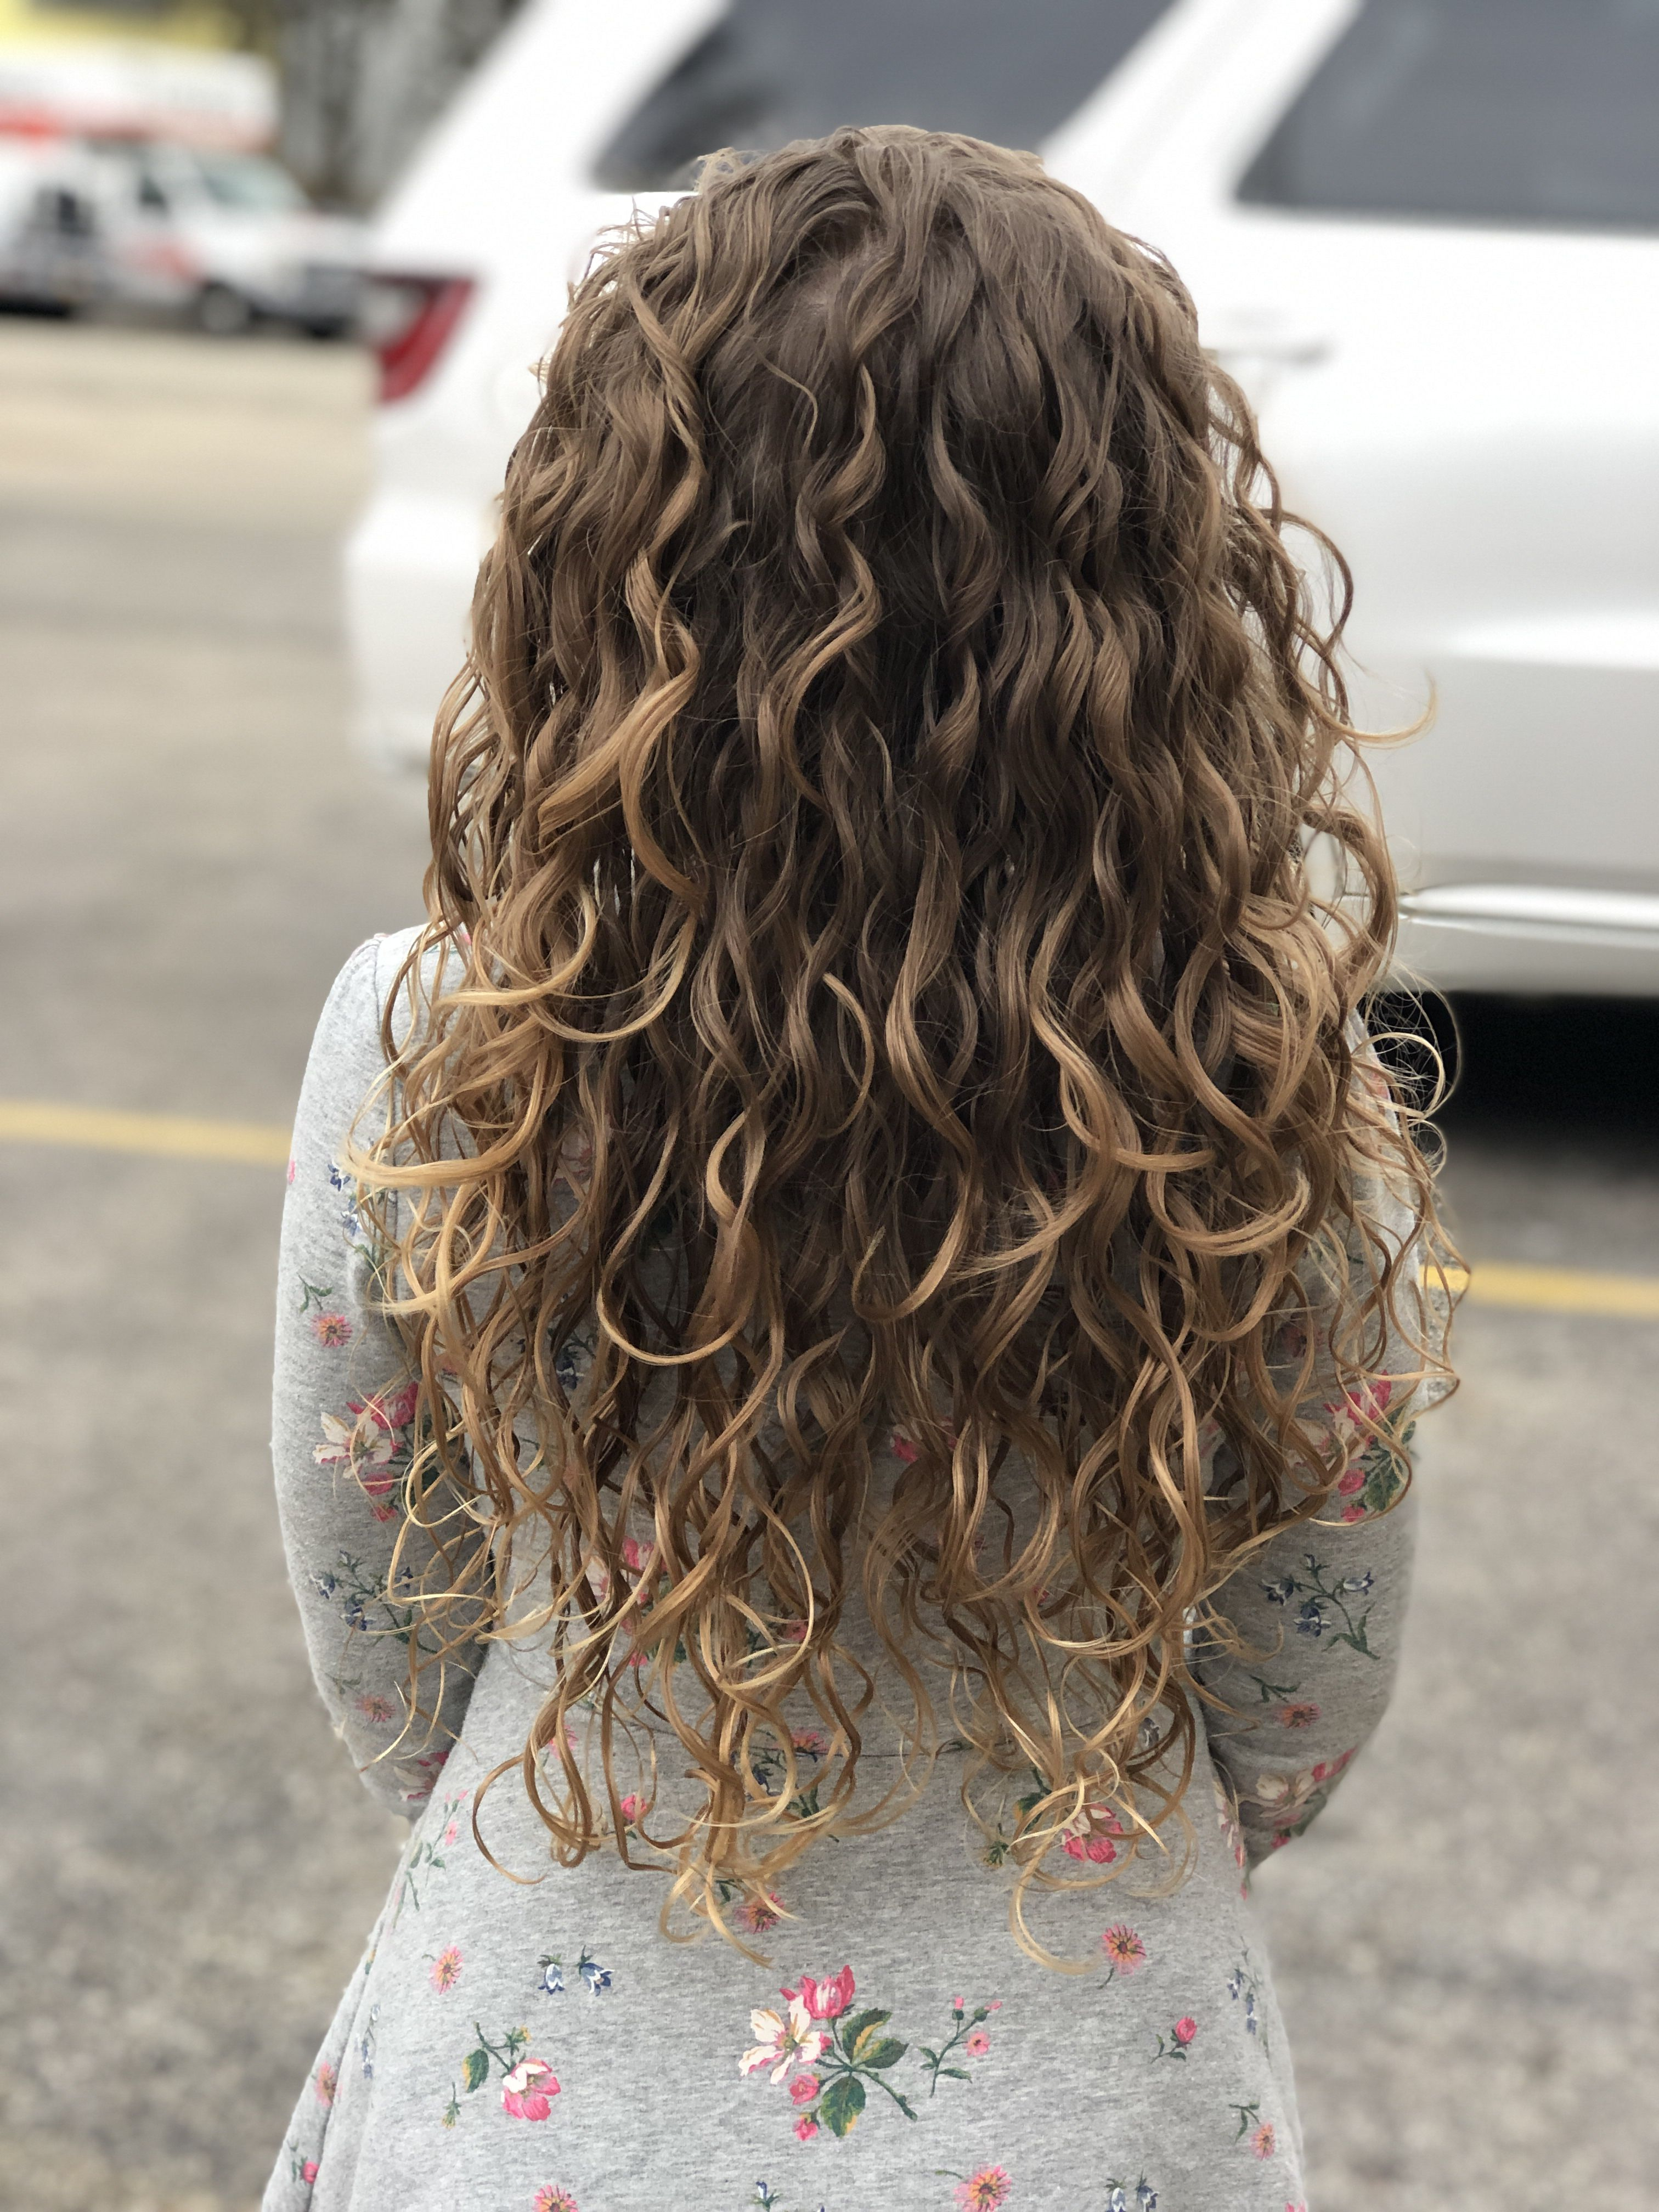 Ouidad Services | Curly hair styles, Curly hair salon, Hairdo